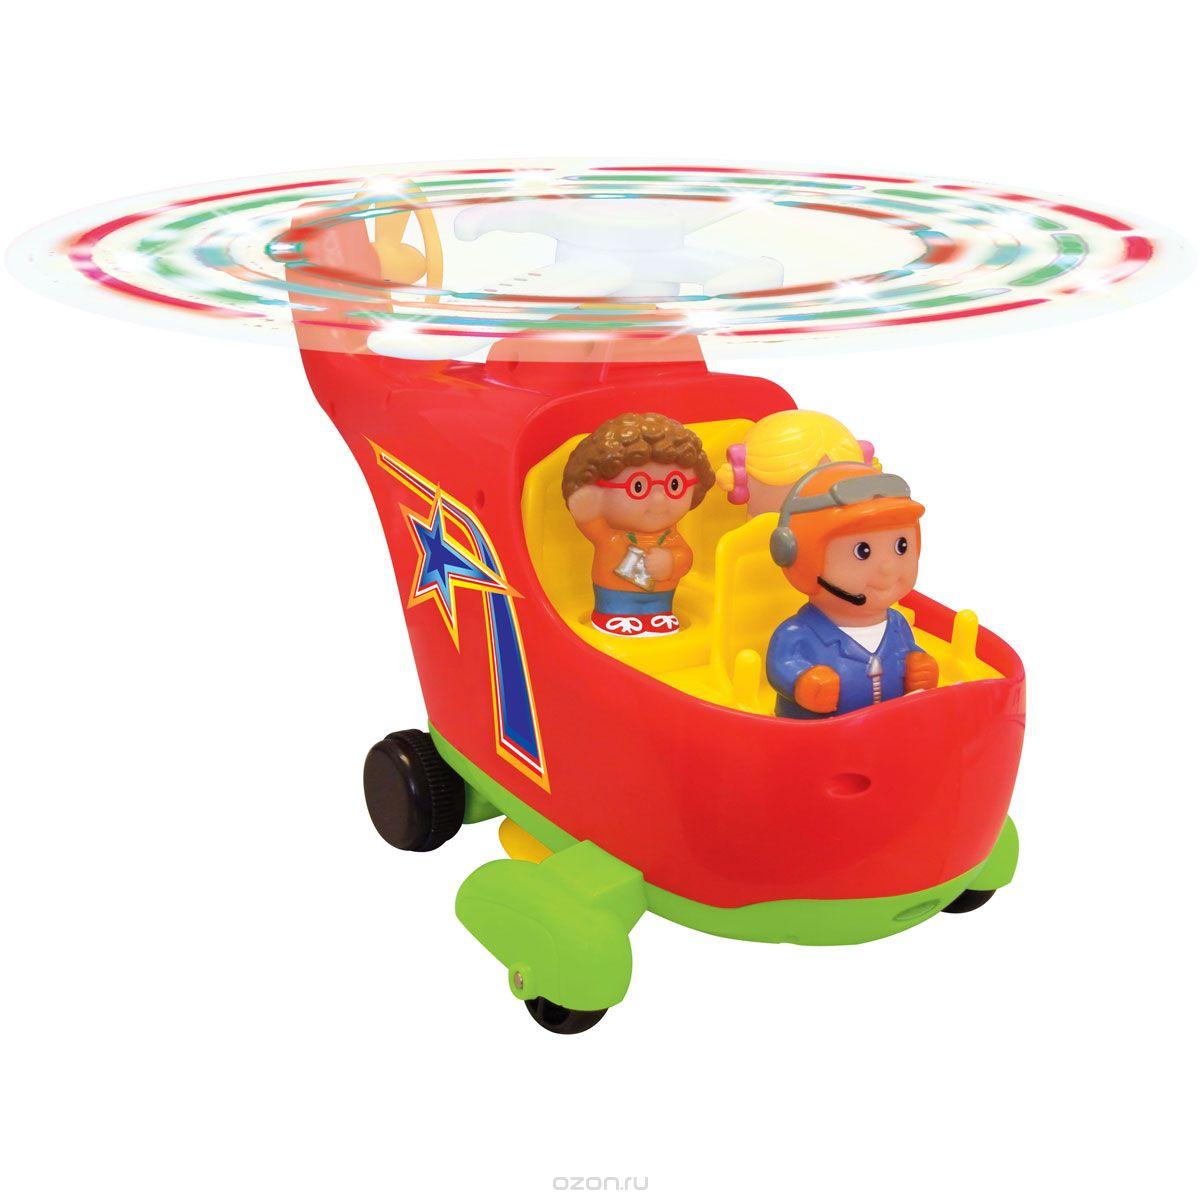 Kiddieland Развивающая игрушка Вертолет